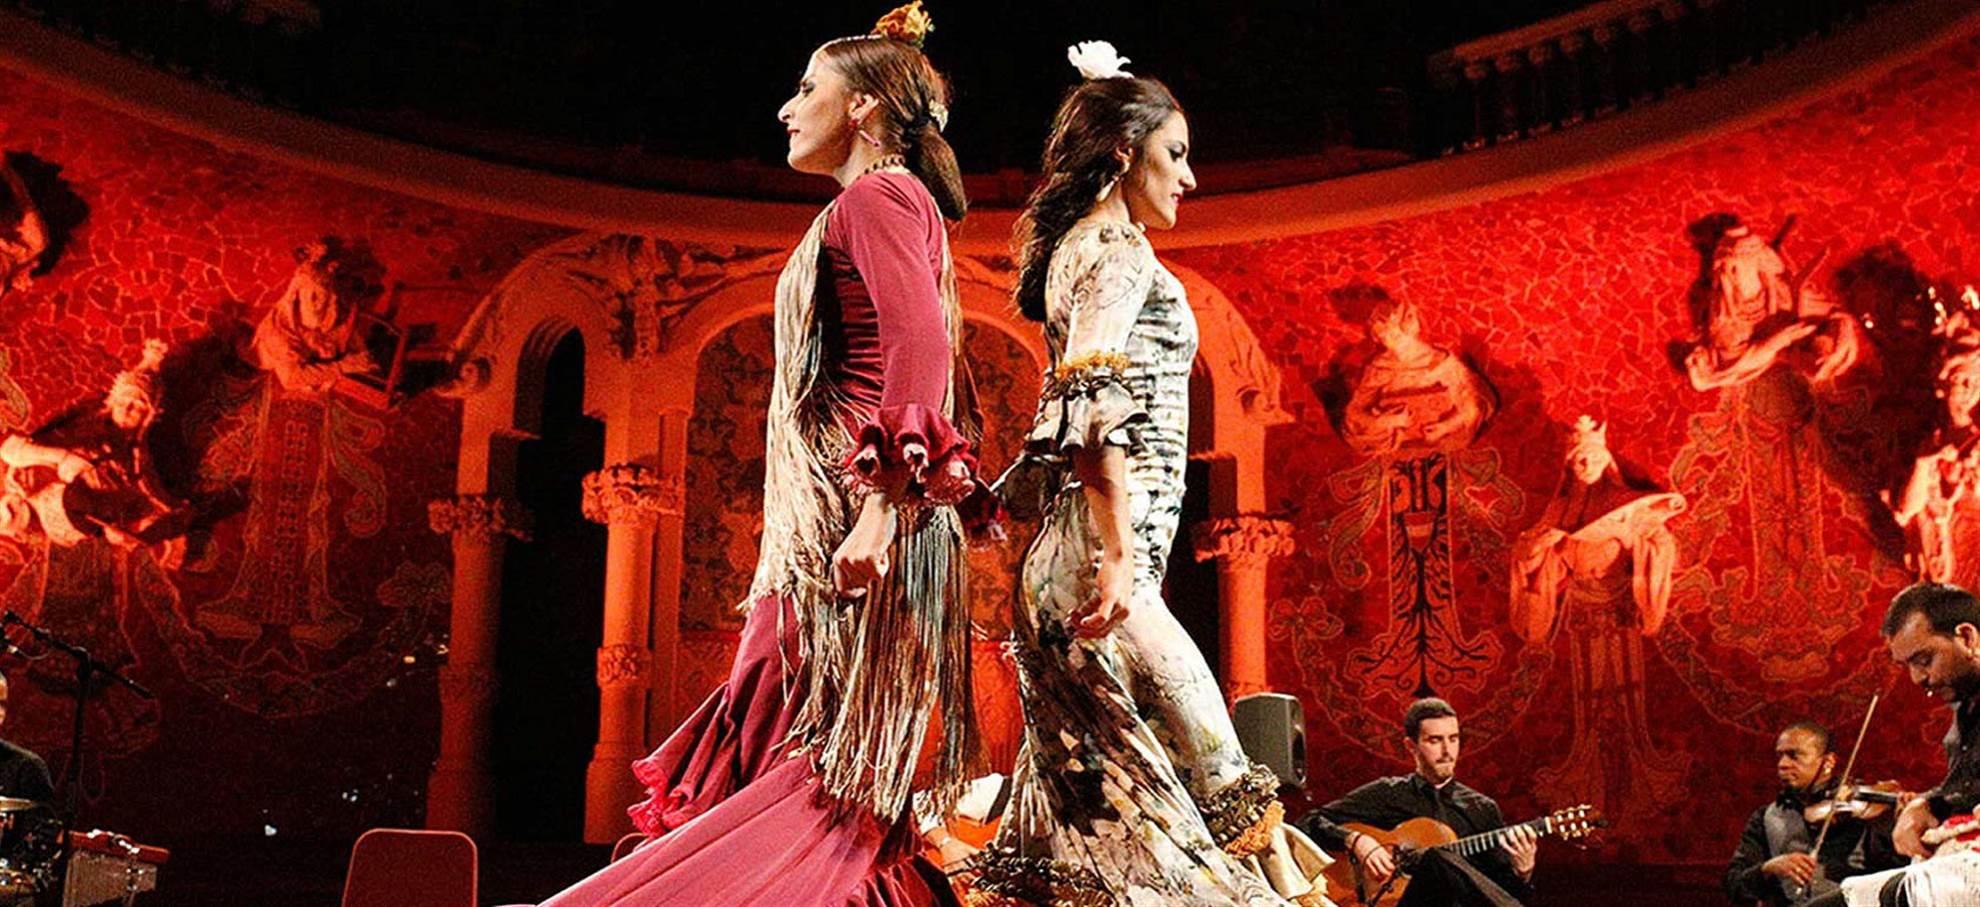 Serata di Flamenco a Siviglia (SVQFLANI)